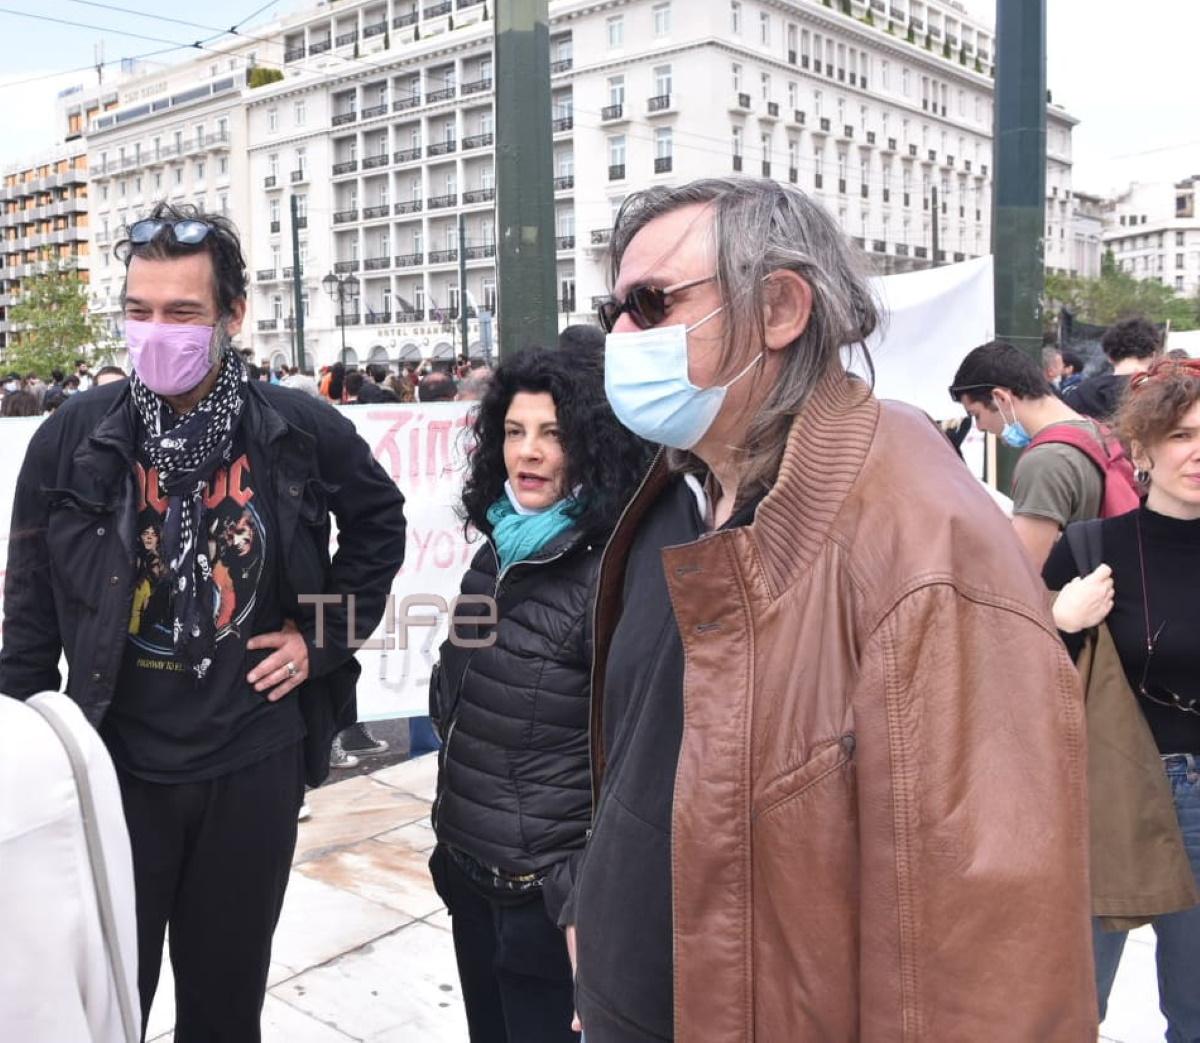 Πλημμύρισε καλλιτέχνες το Σύνταγμα! Φωτογραφίες από τη διαμαρτυρία τους!